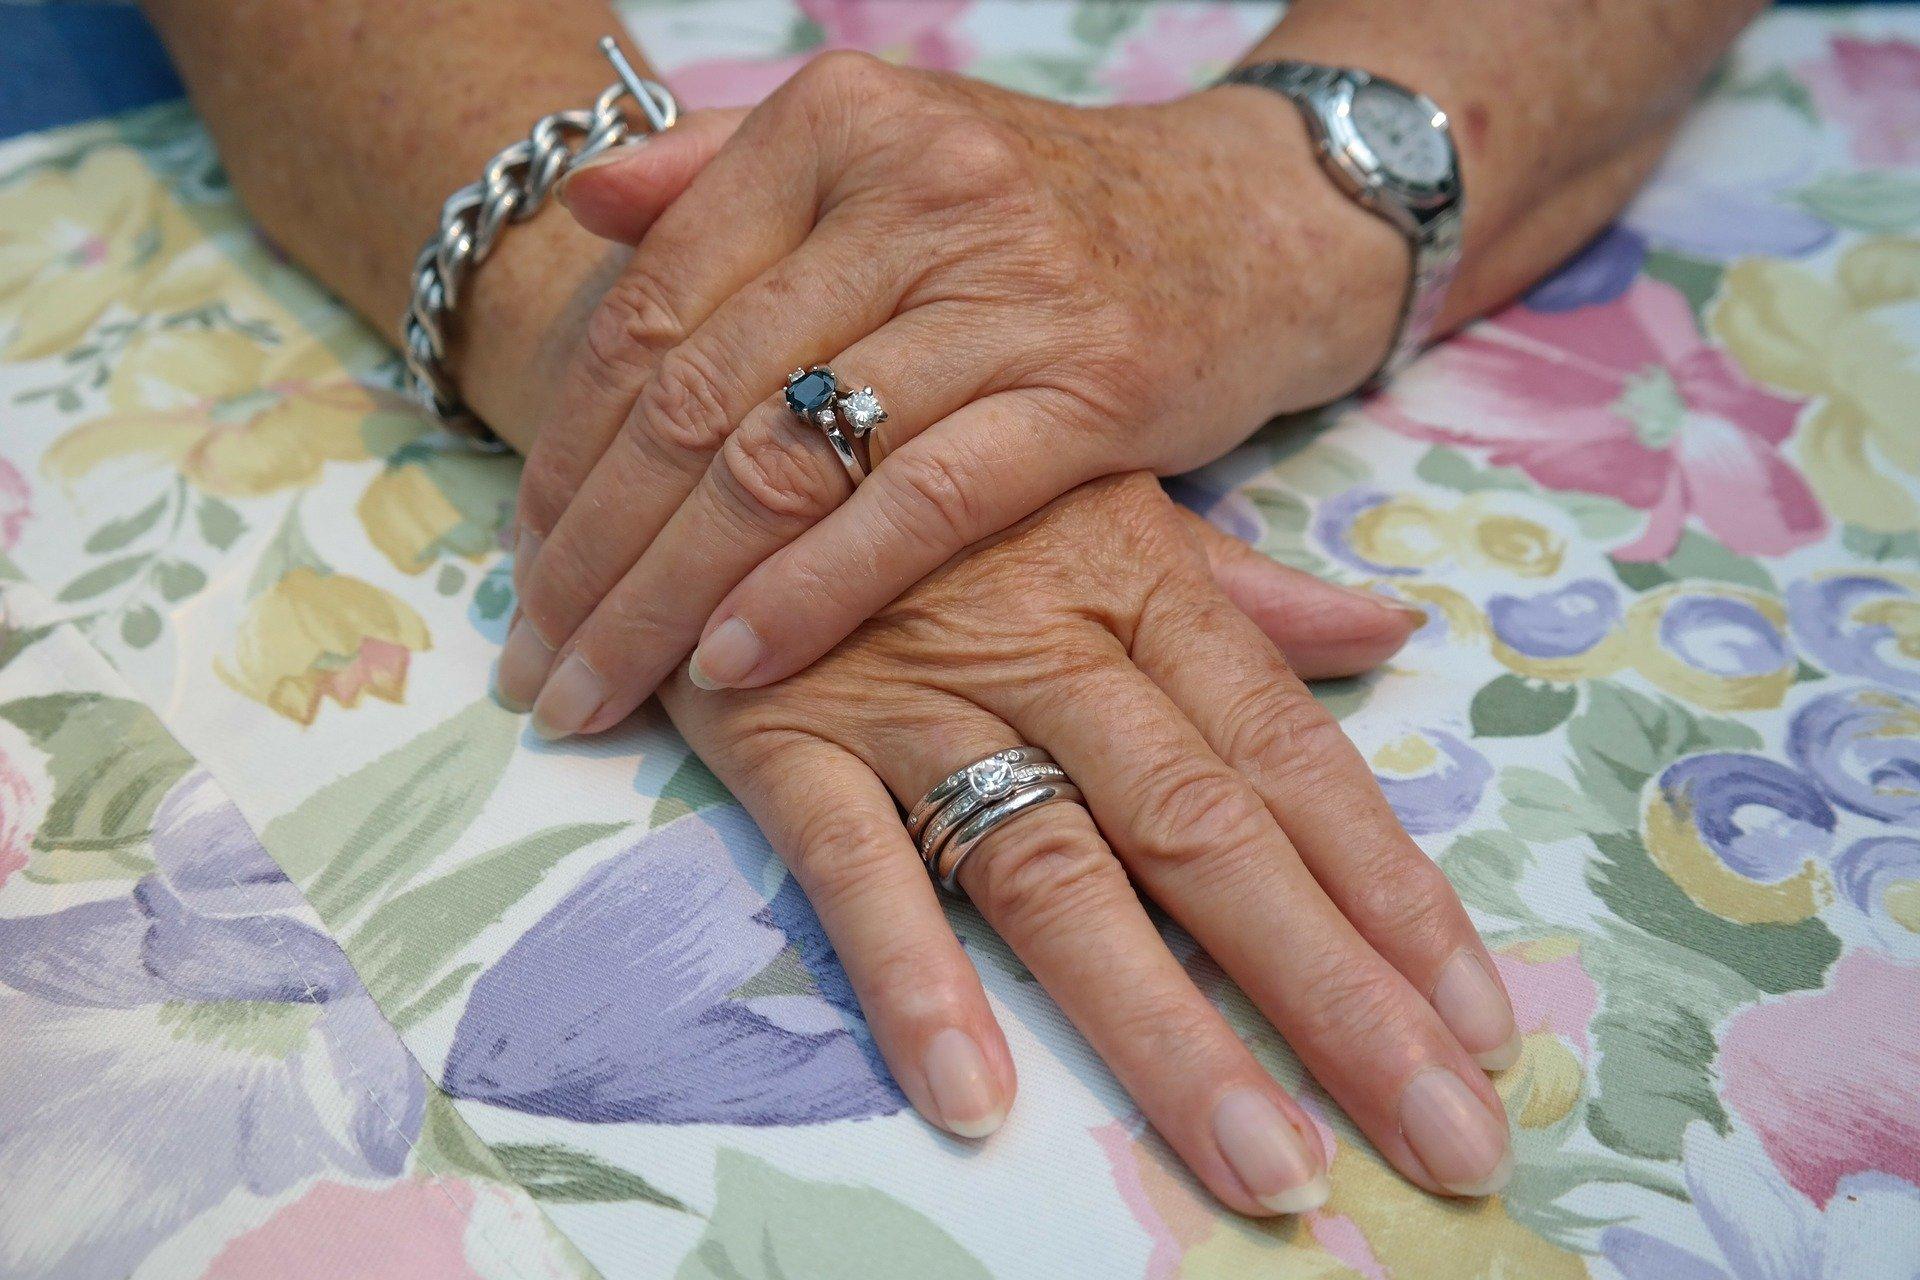 Темные полоски на ногтях могут говорить о проблемах с сердечно-сосудистой системой